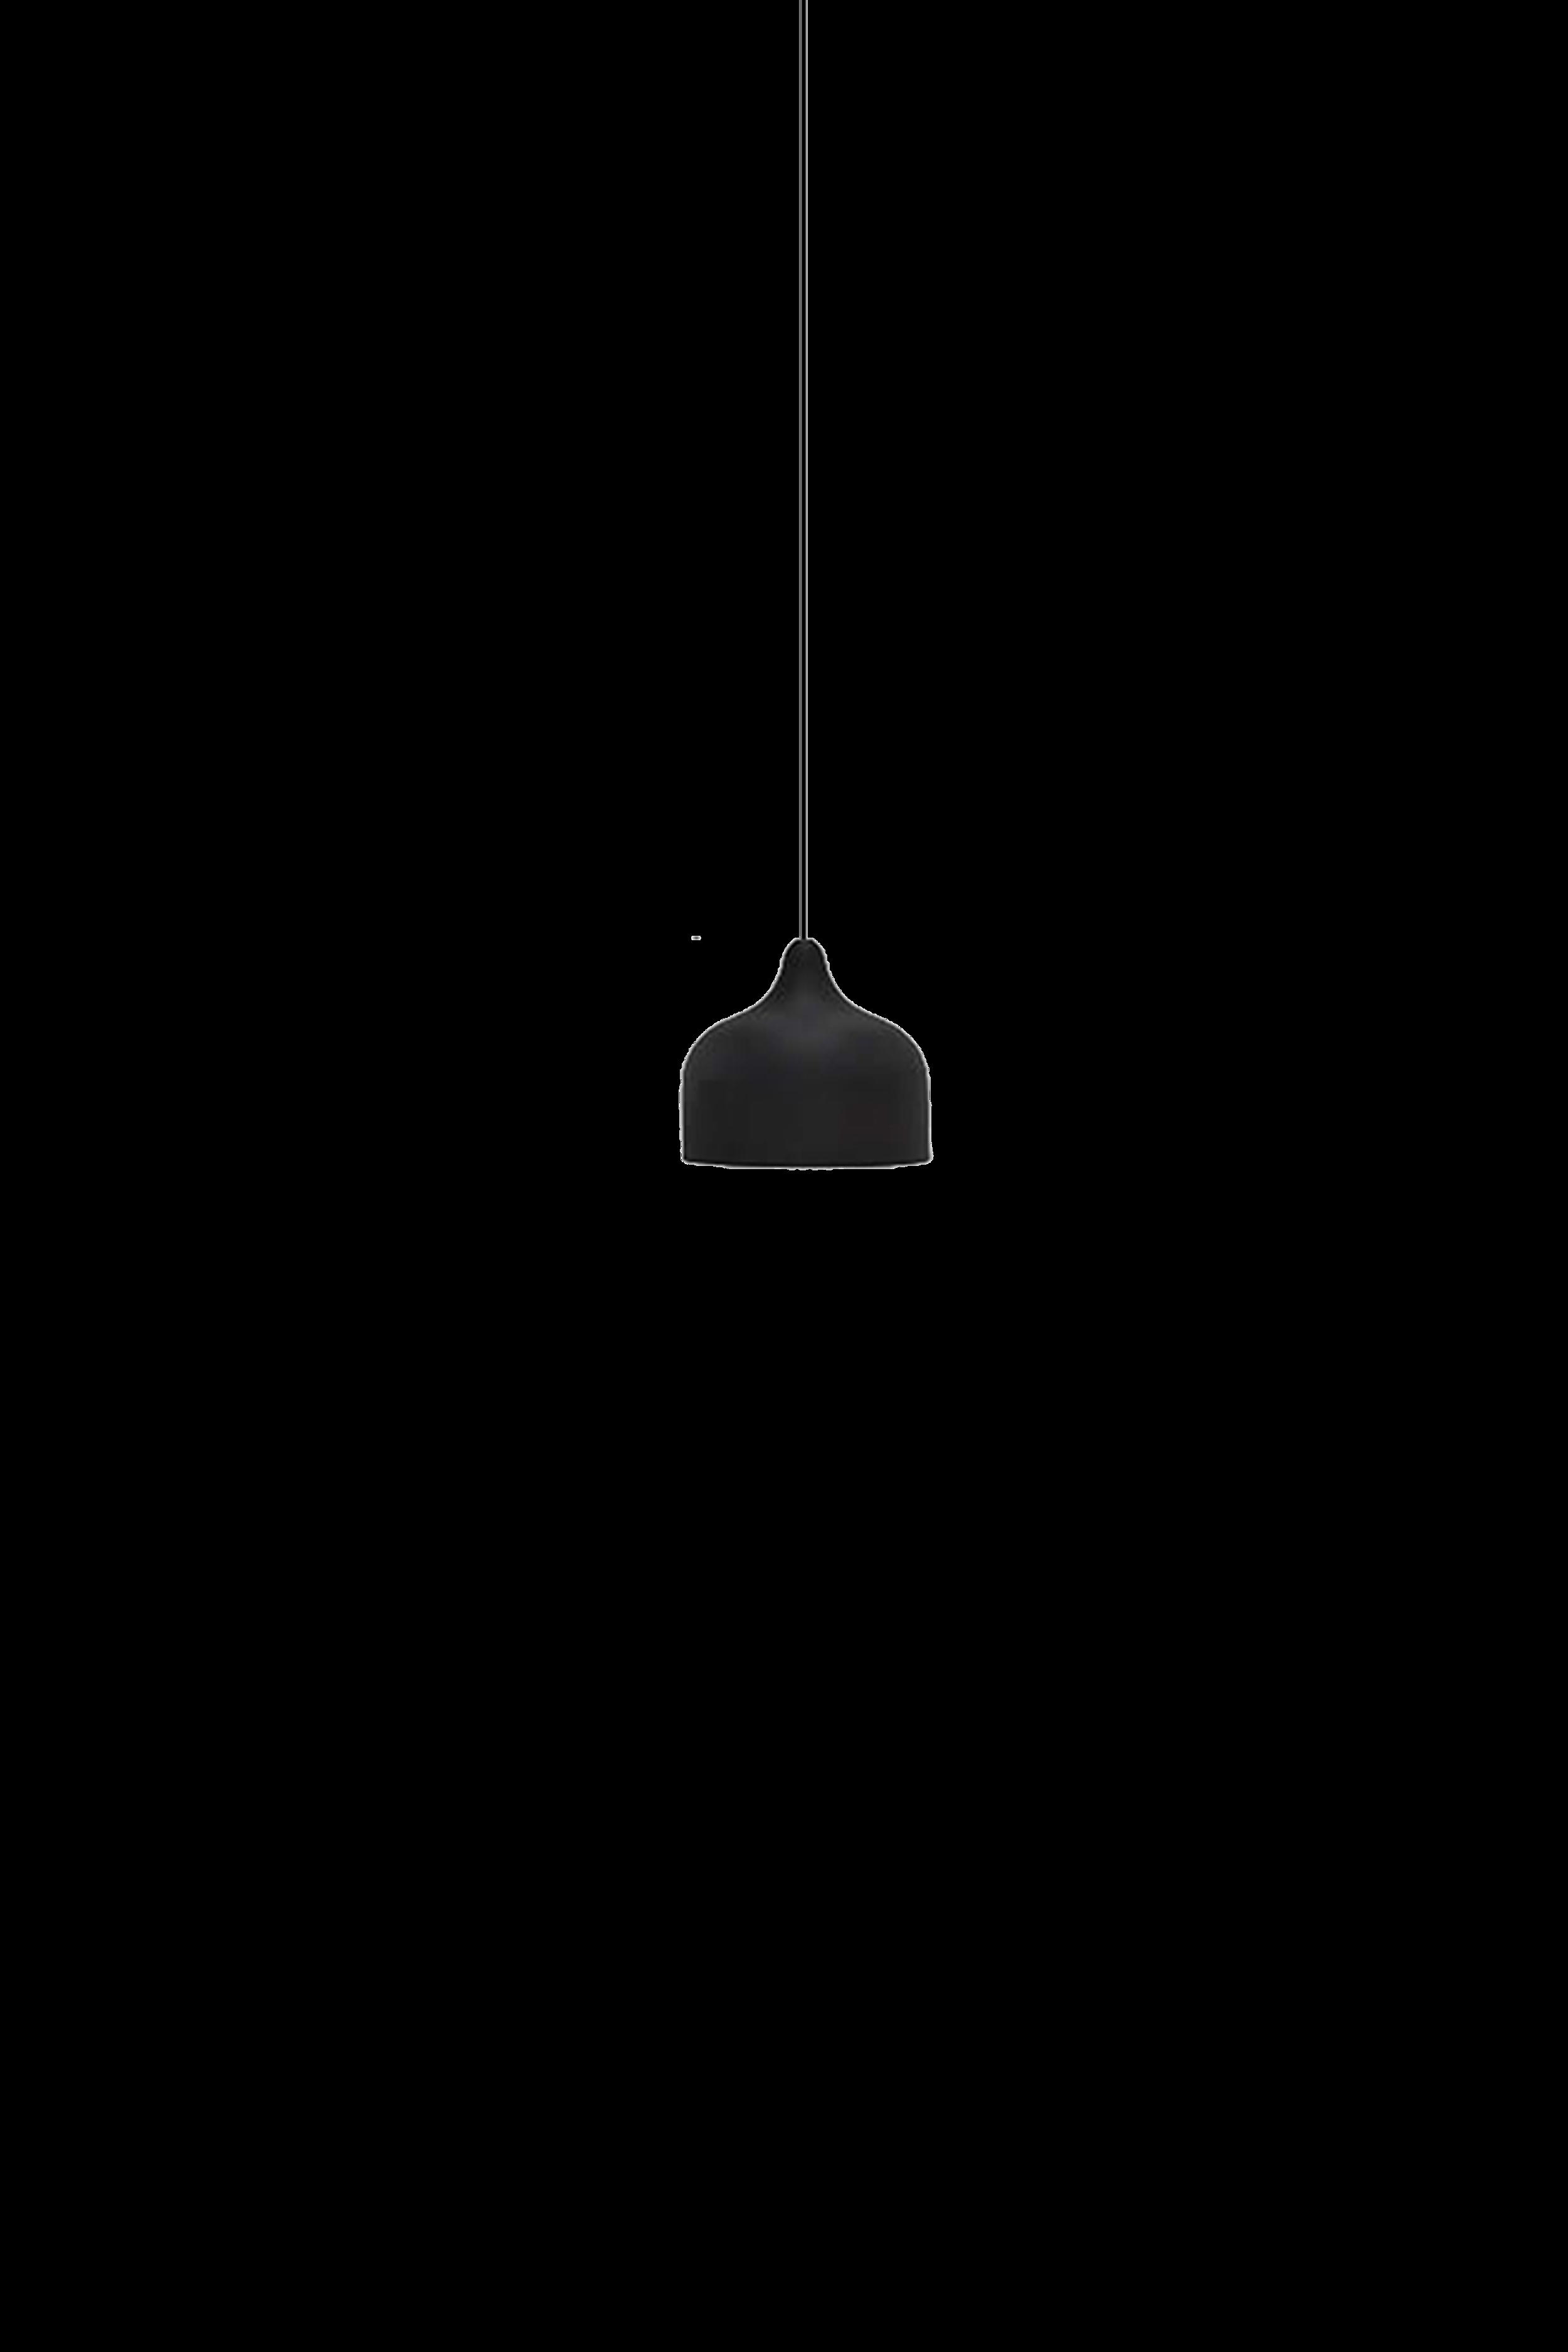 POPPER MEDIUM / SMALL HANG